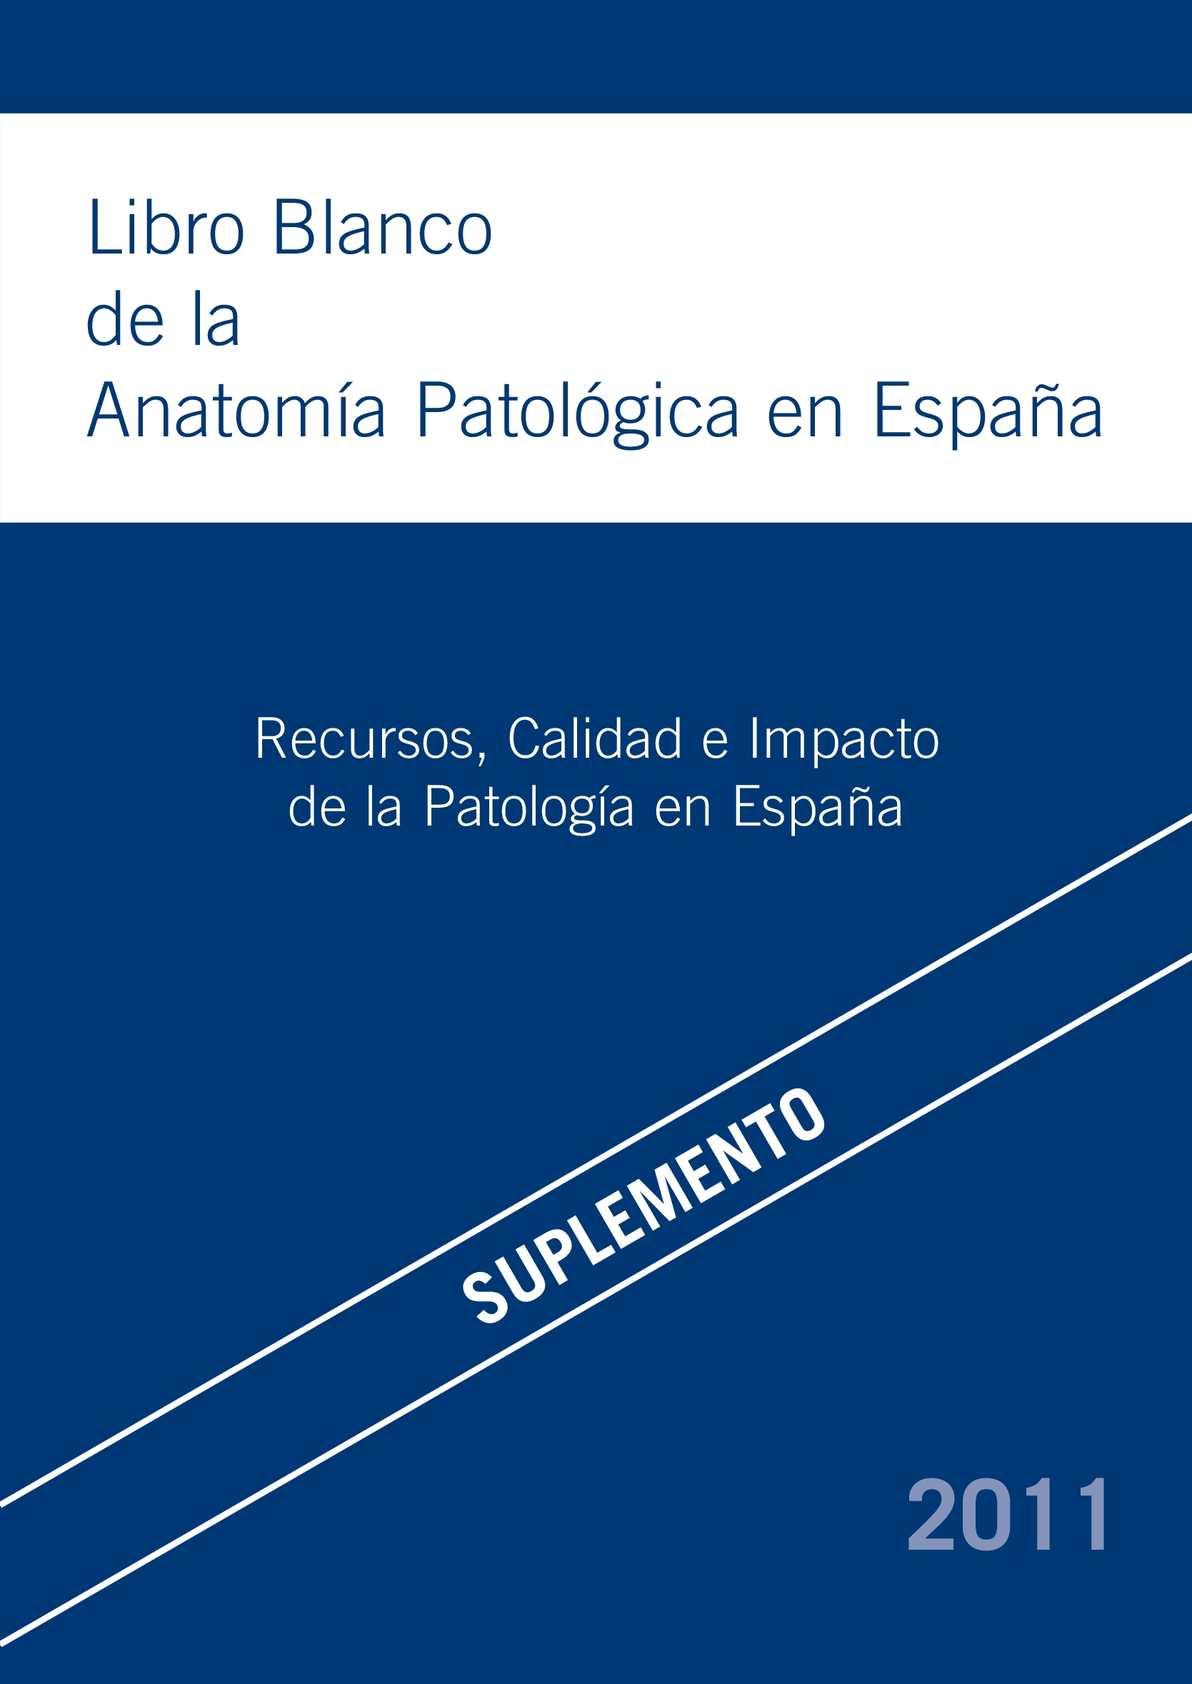 Calaméo - Libro Blanco de Anatomía Patológica